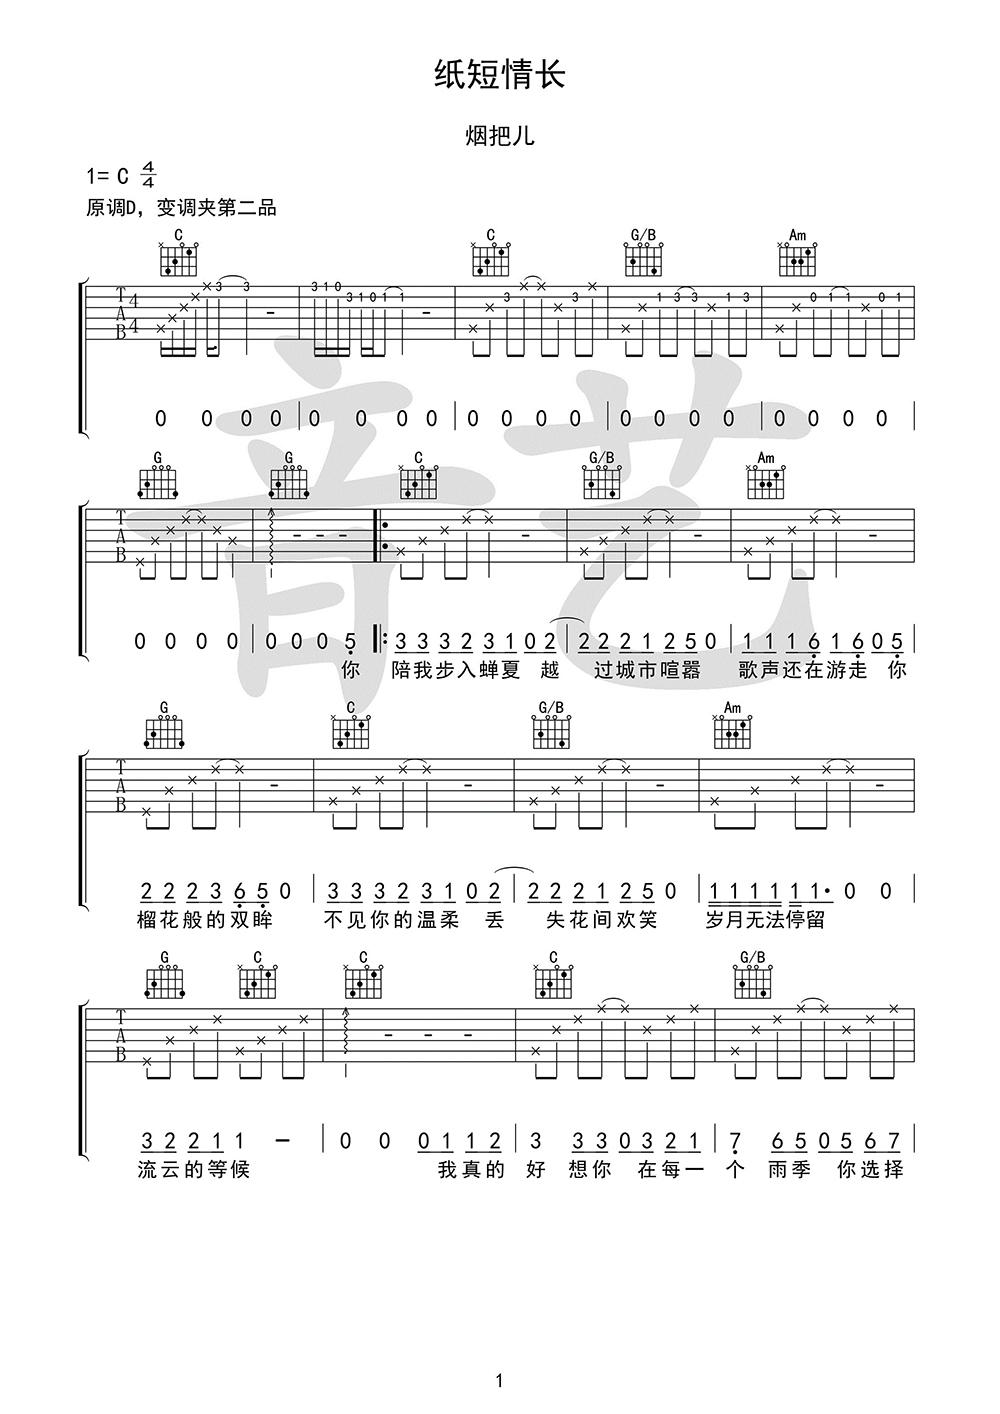 煙把兒-《紙短情長》彈唱吉他譜圖片